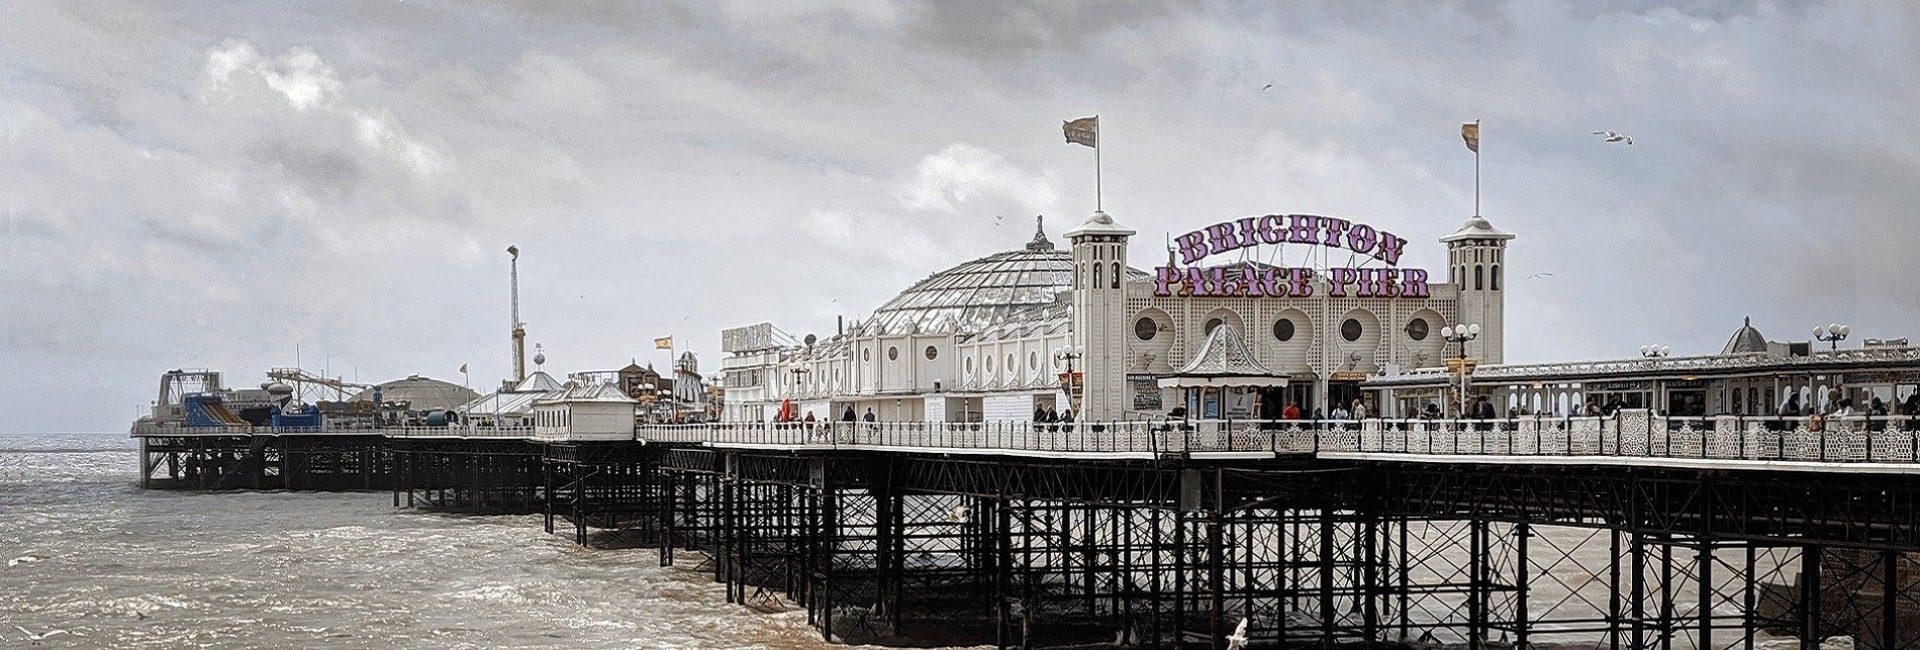 Tečaj engleskog jezika - Embassy English Brighton